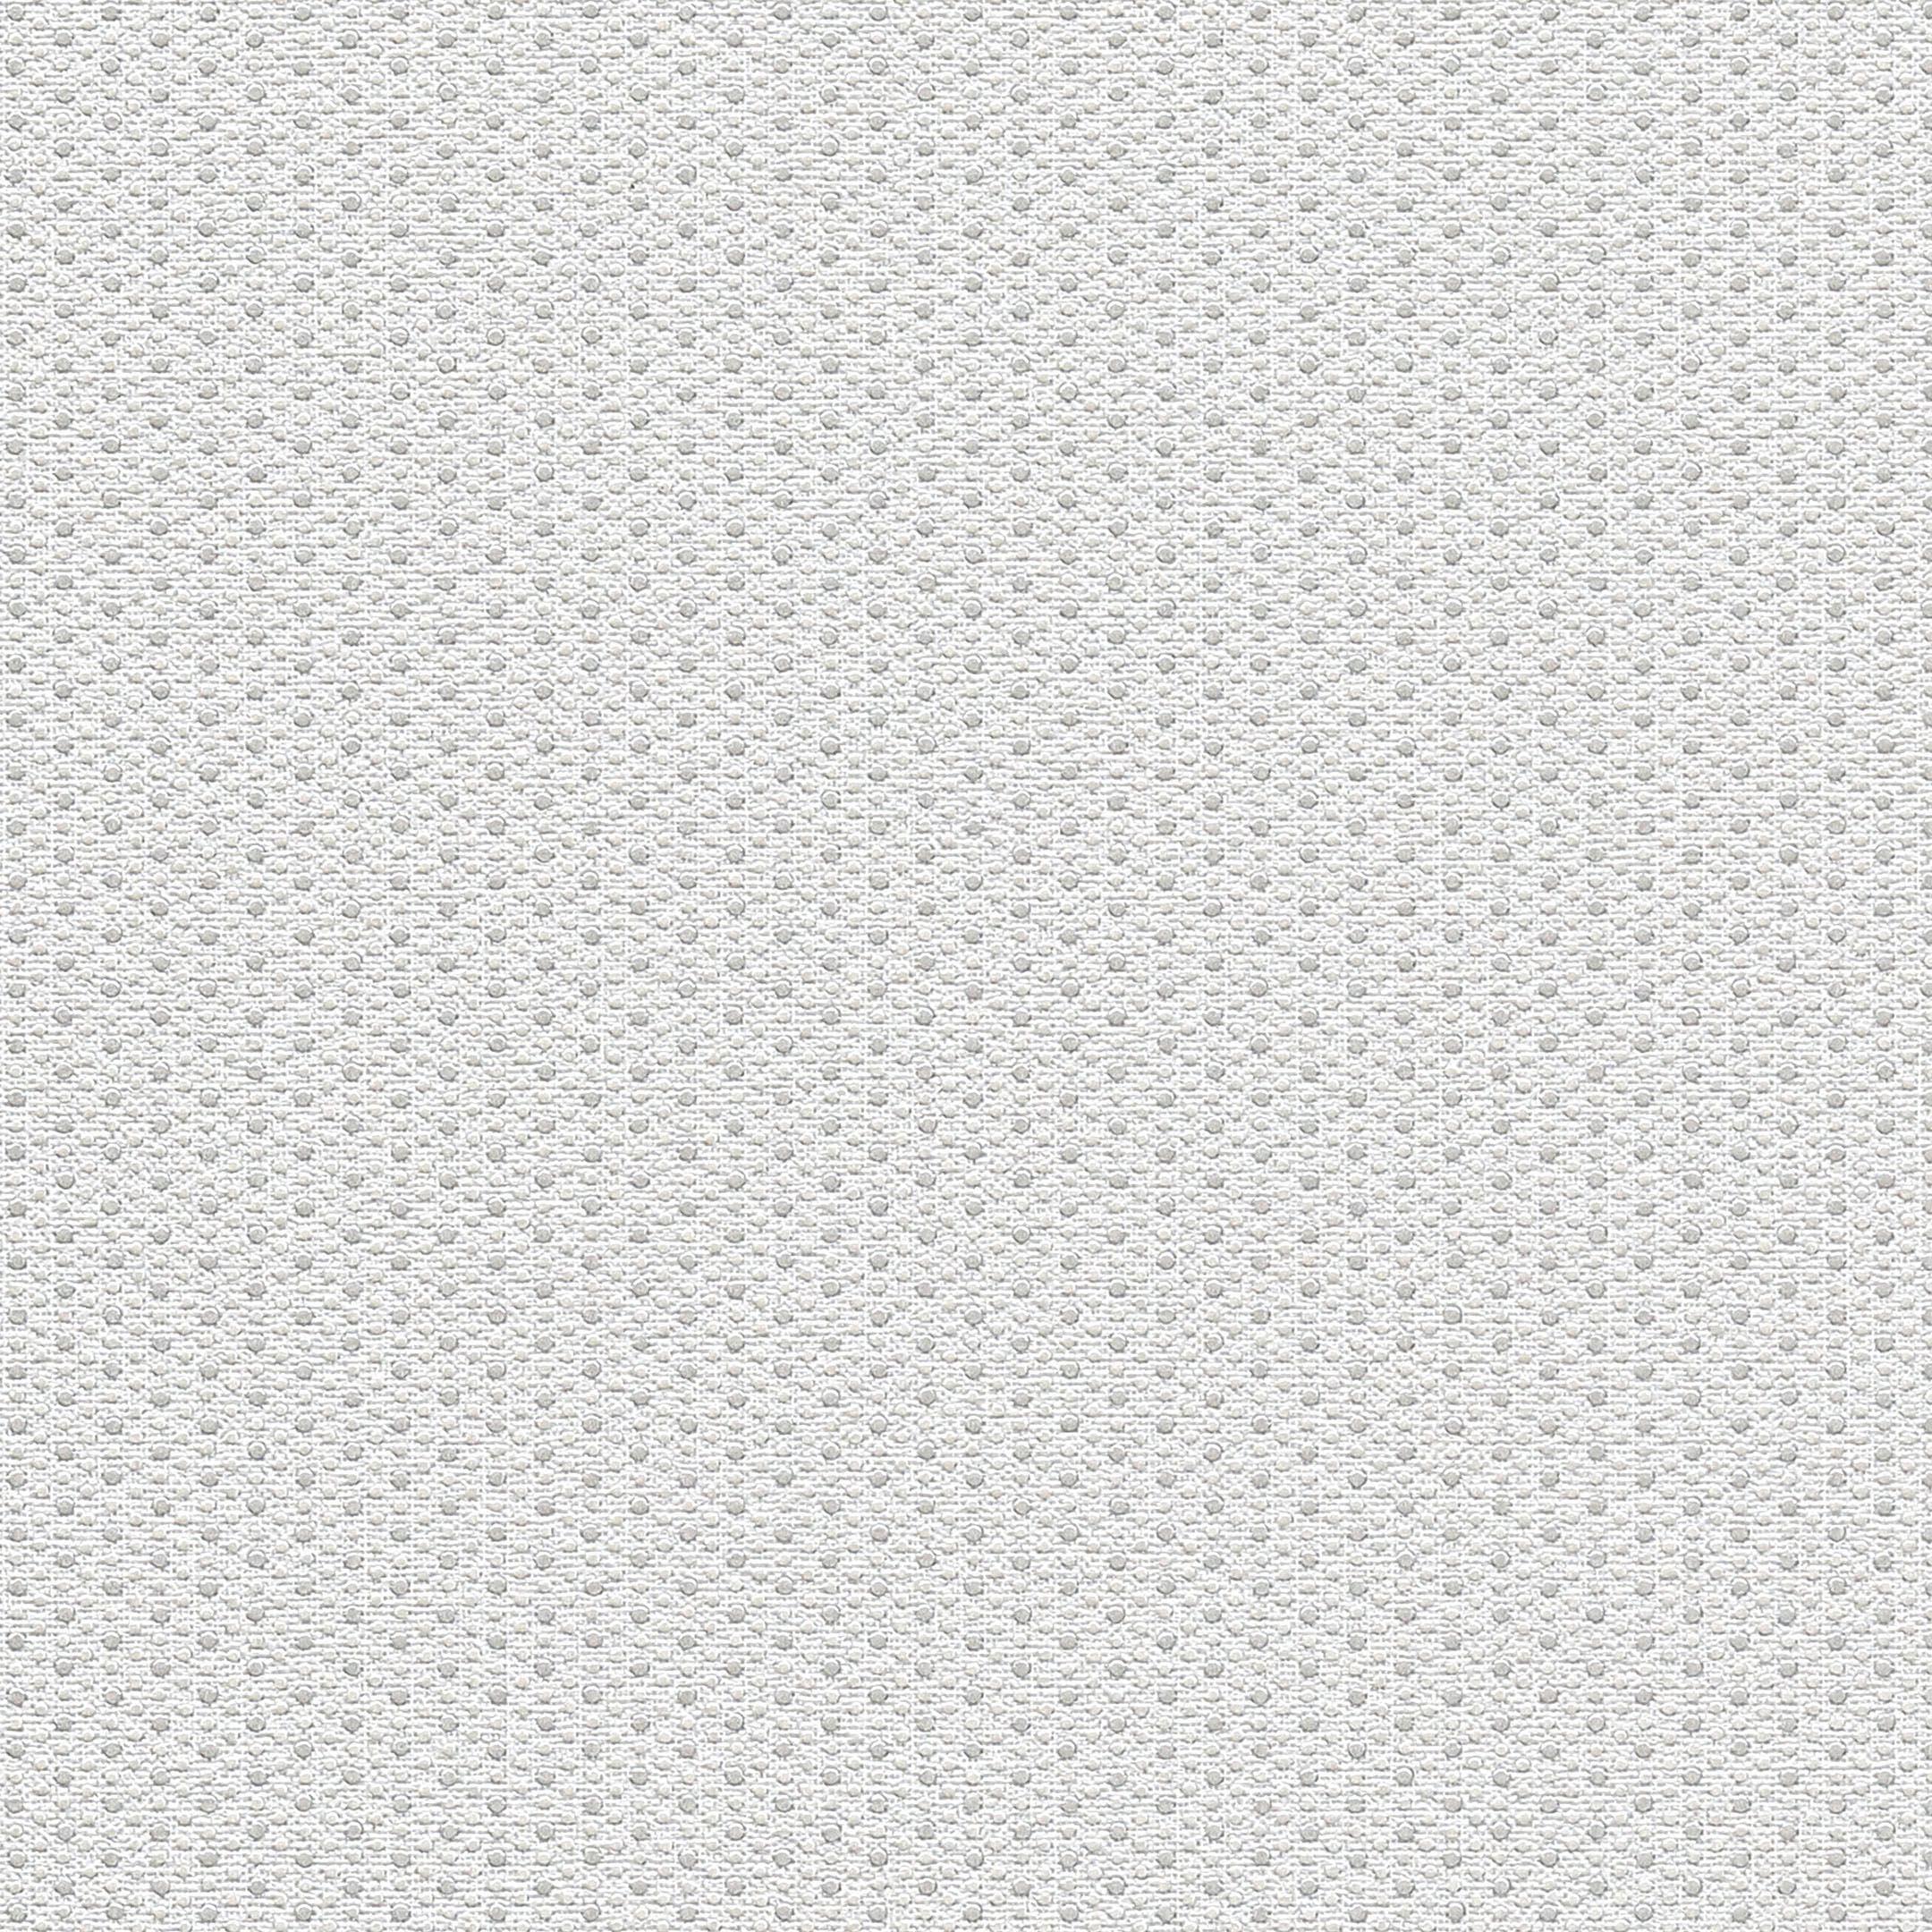 адреса сайтов в тор браузере гирда